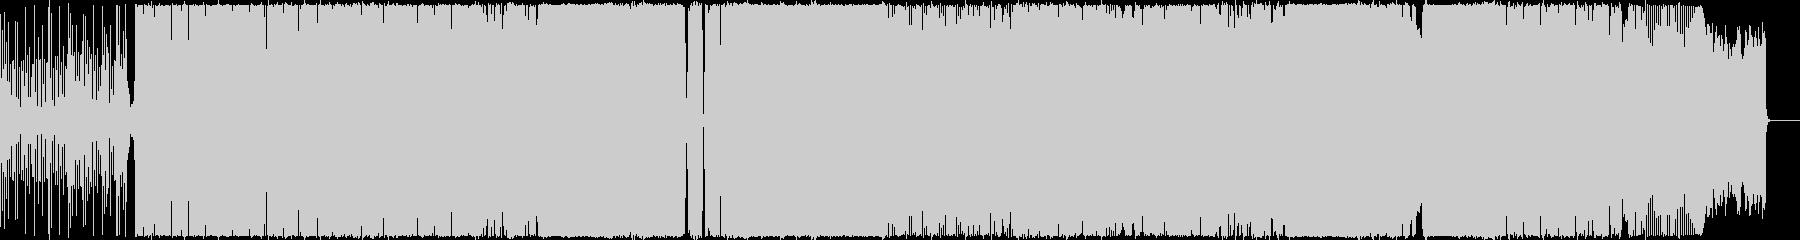 アフリカン調のハウスBGMの未再生の波形